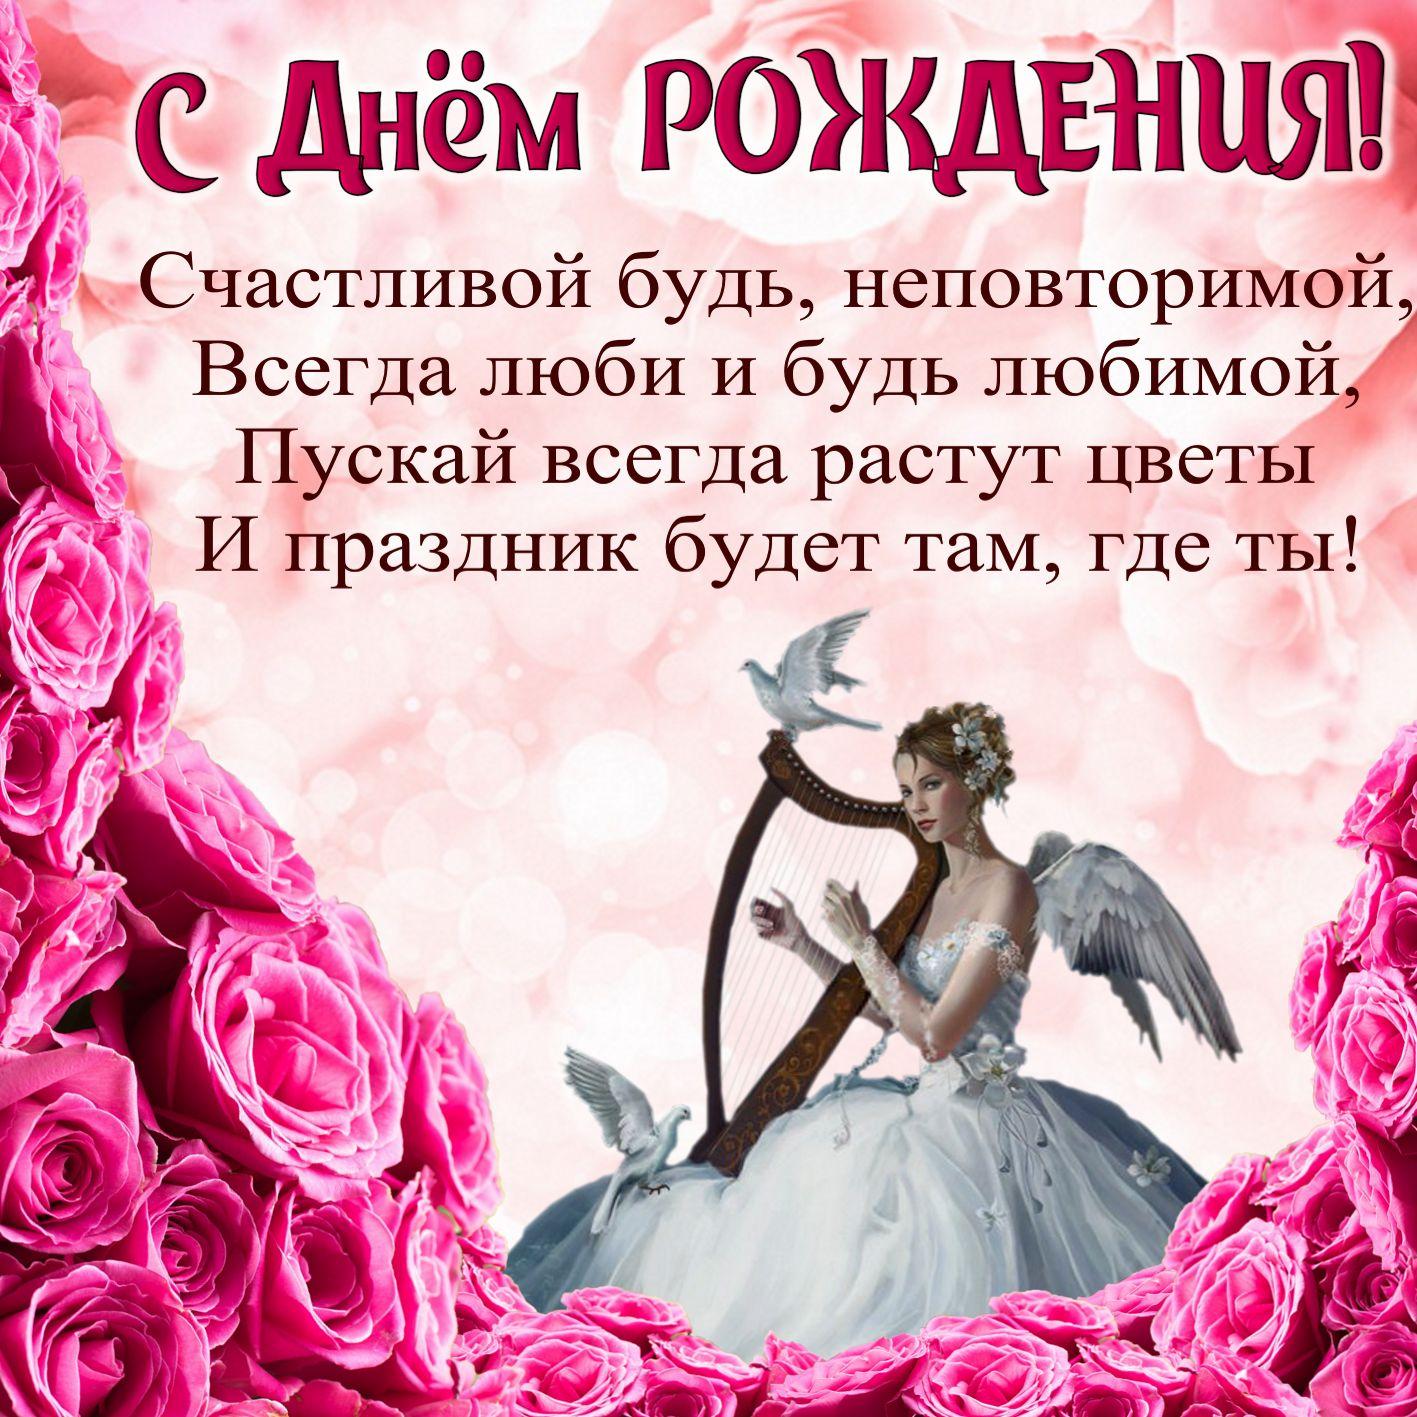 Женщине. Ангел с арфой в оформлении из роз. С Днём рождения! Счастливой будь, неповторимой, всегда люби и будь любимой, пускай всегда растут цветы и праздник будет там, где ты!